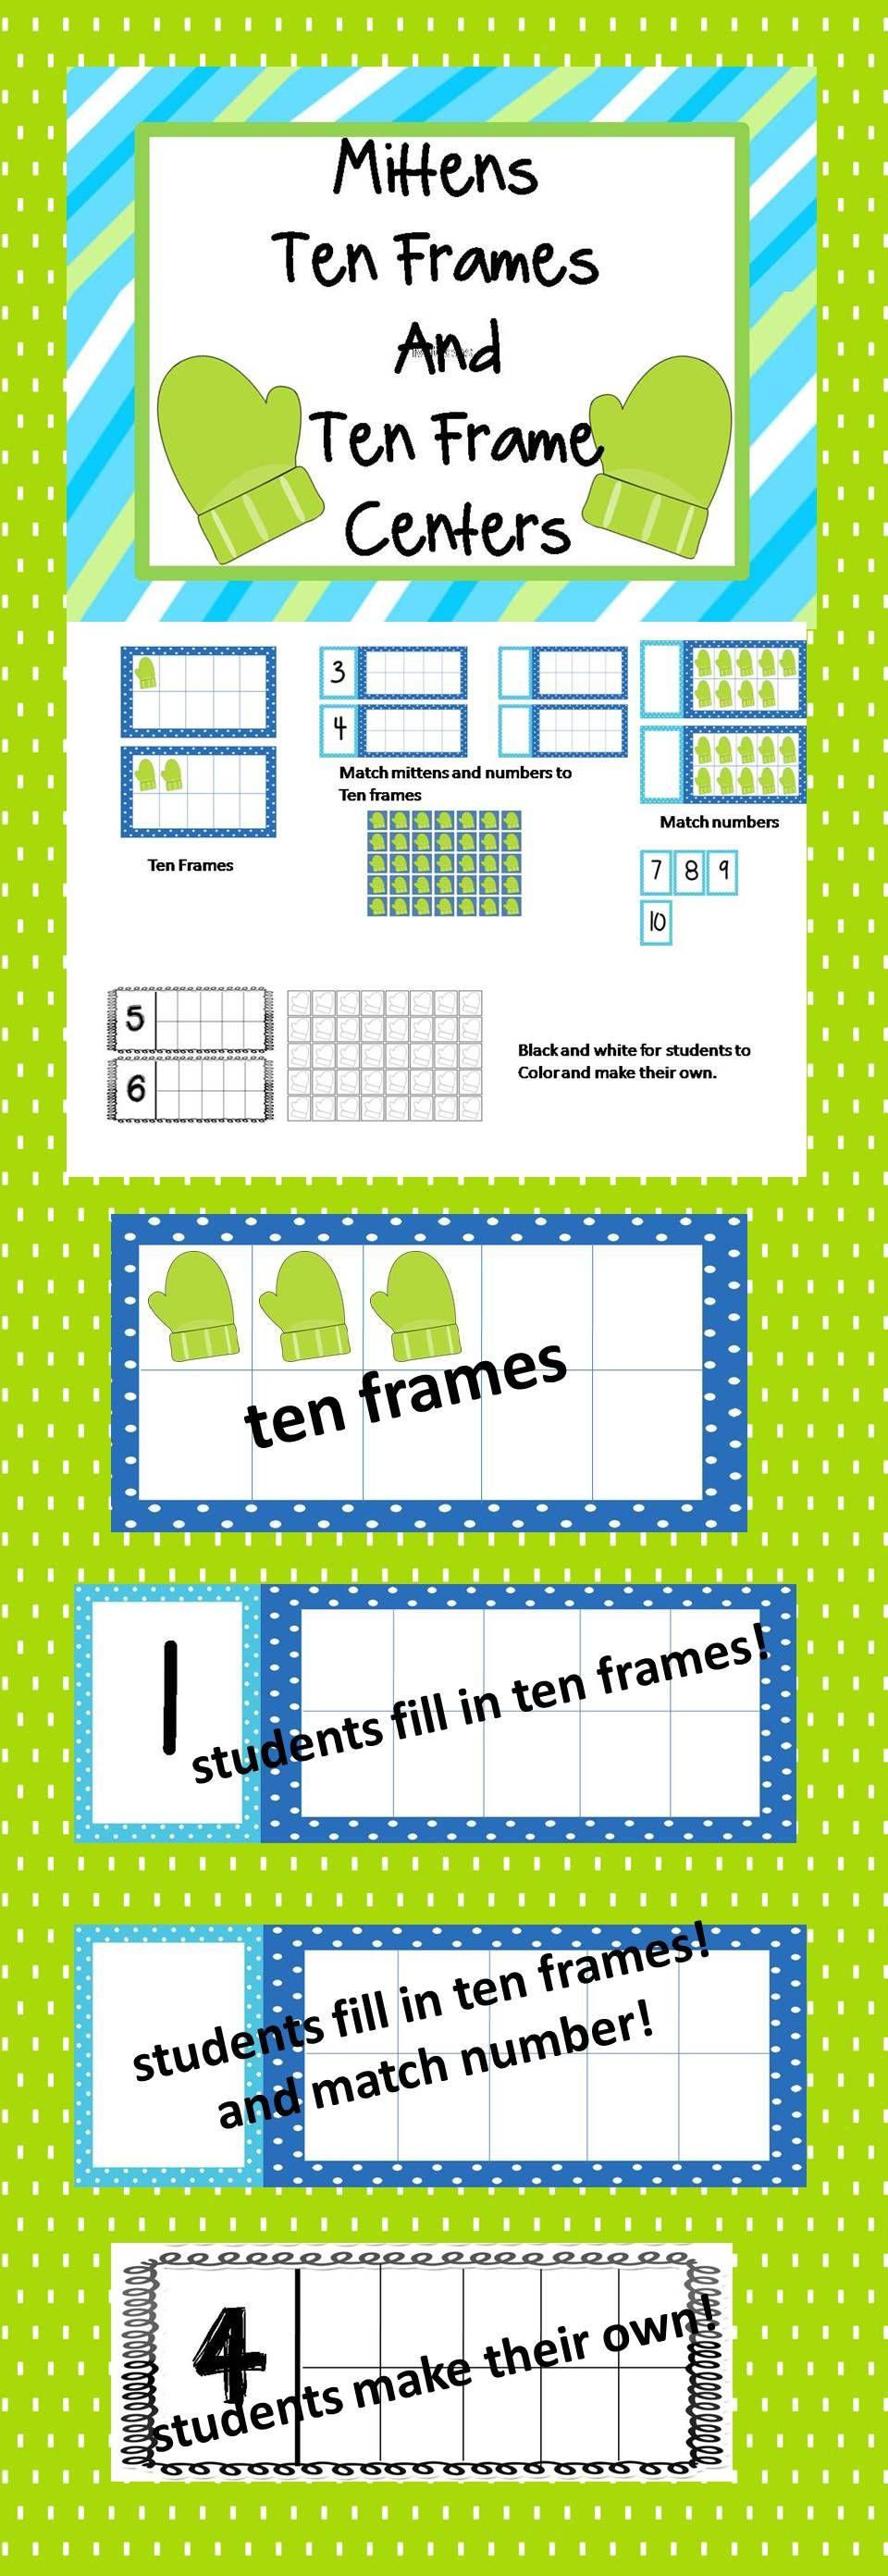 Mittens Ten Frames and Ten Frames Centers | Ten frames, Mittens and ...